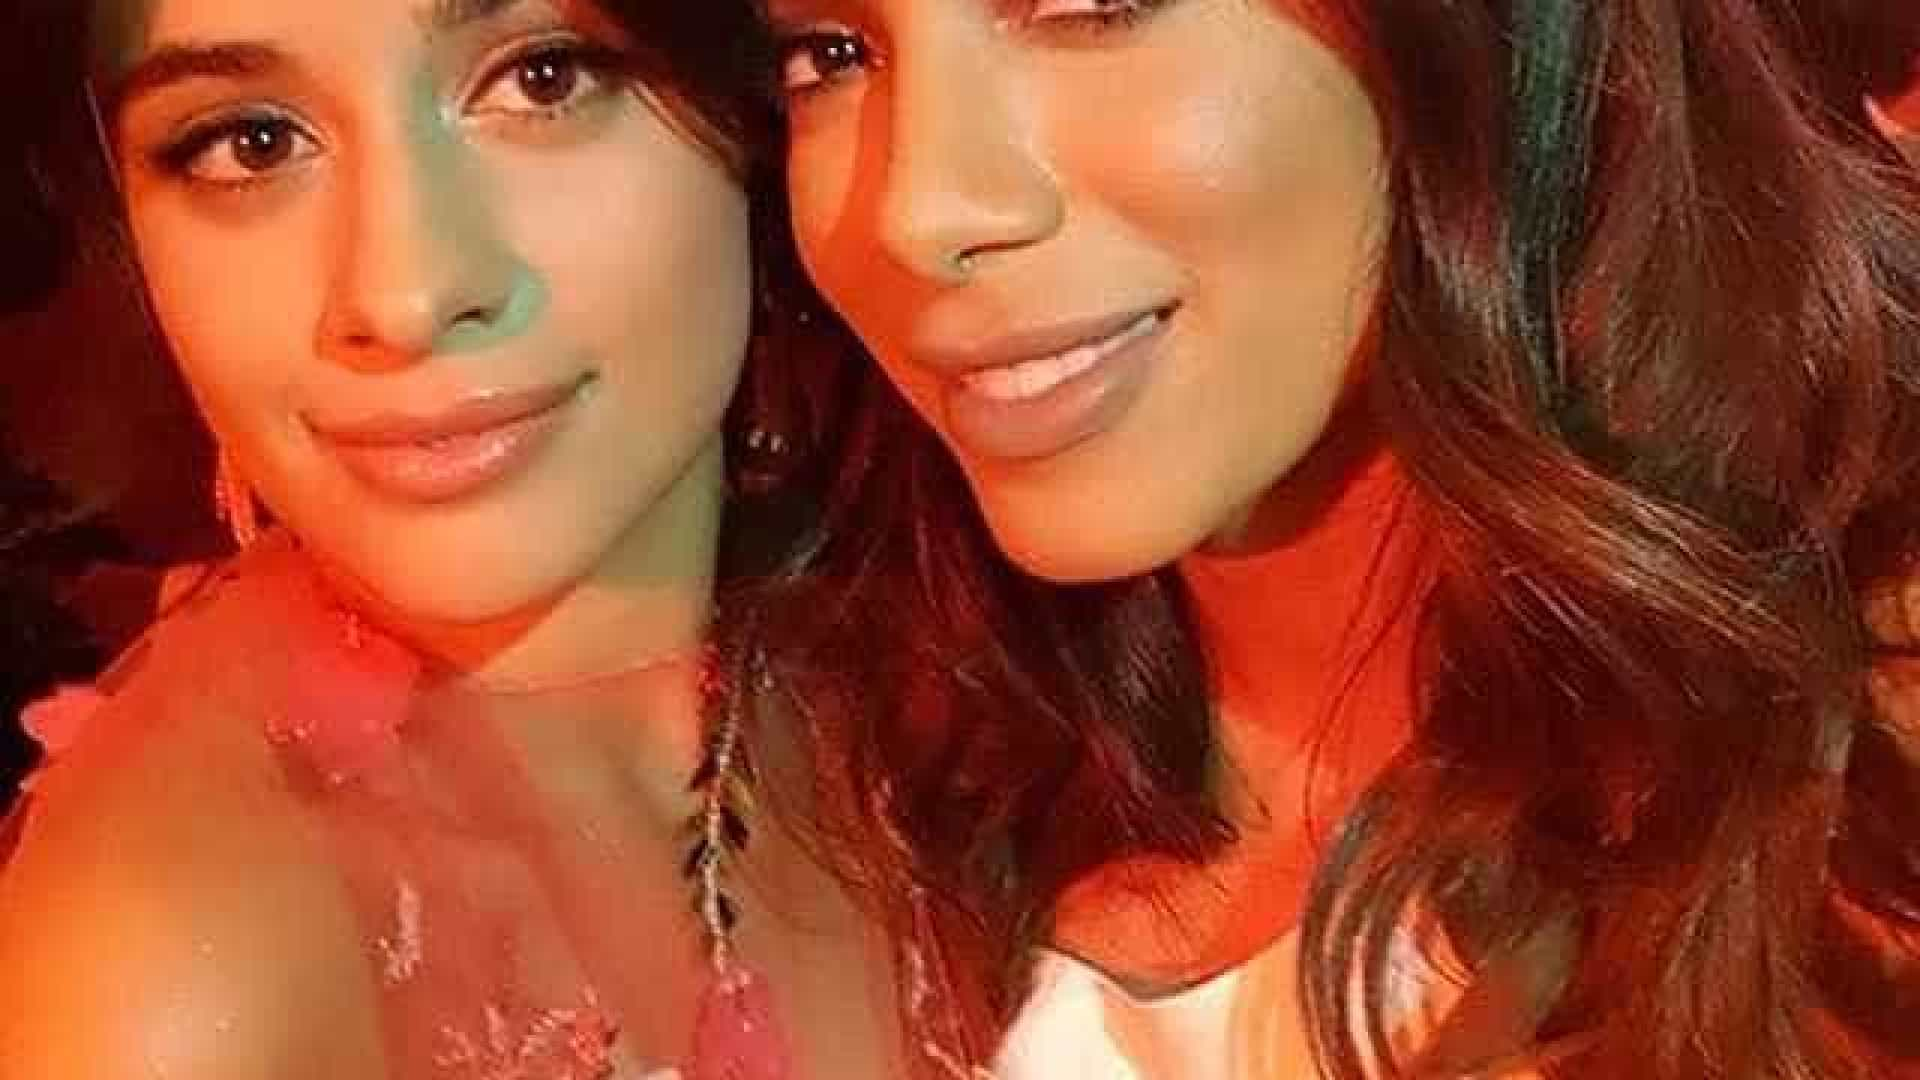 Fãs vão à loucura com encontro de Anitta e Camila Cabello